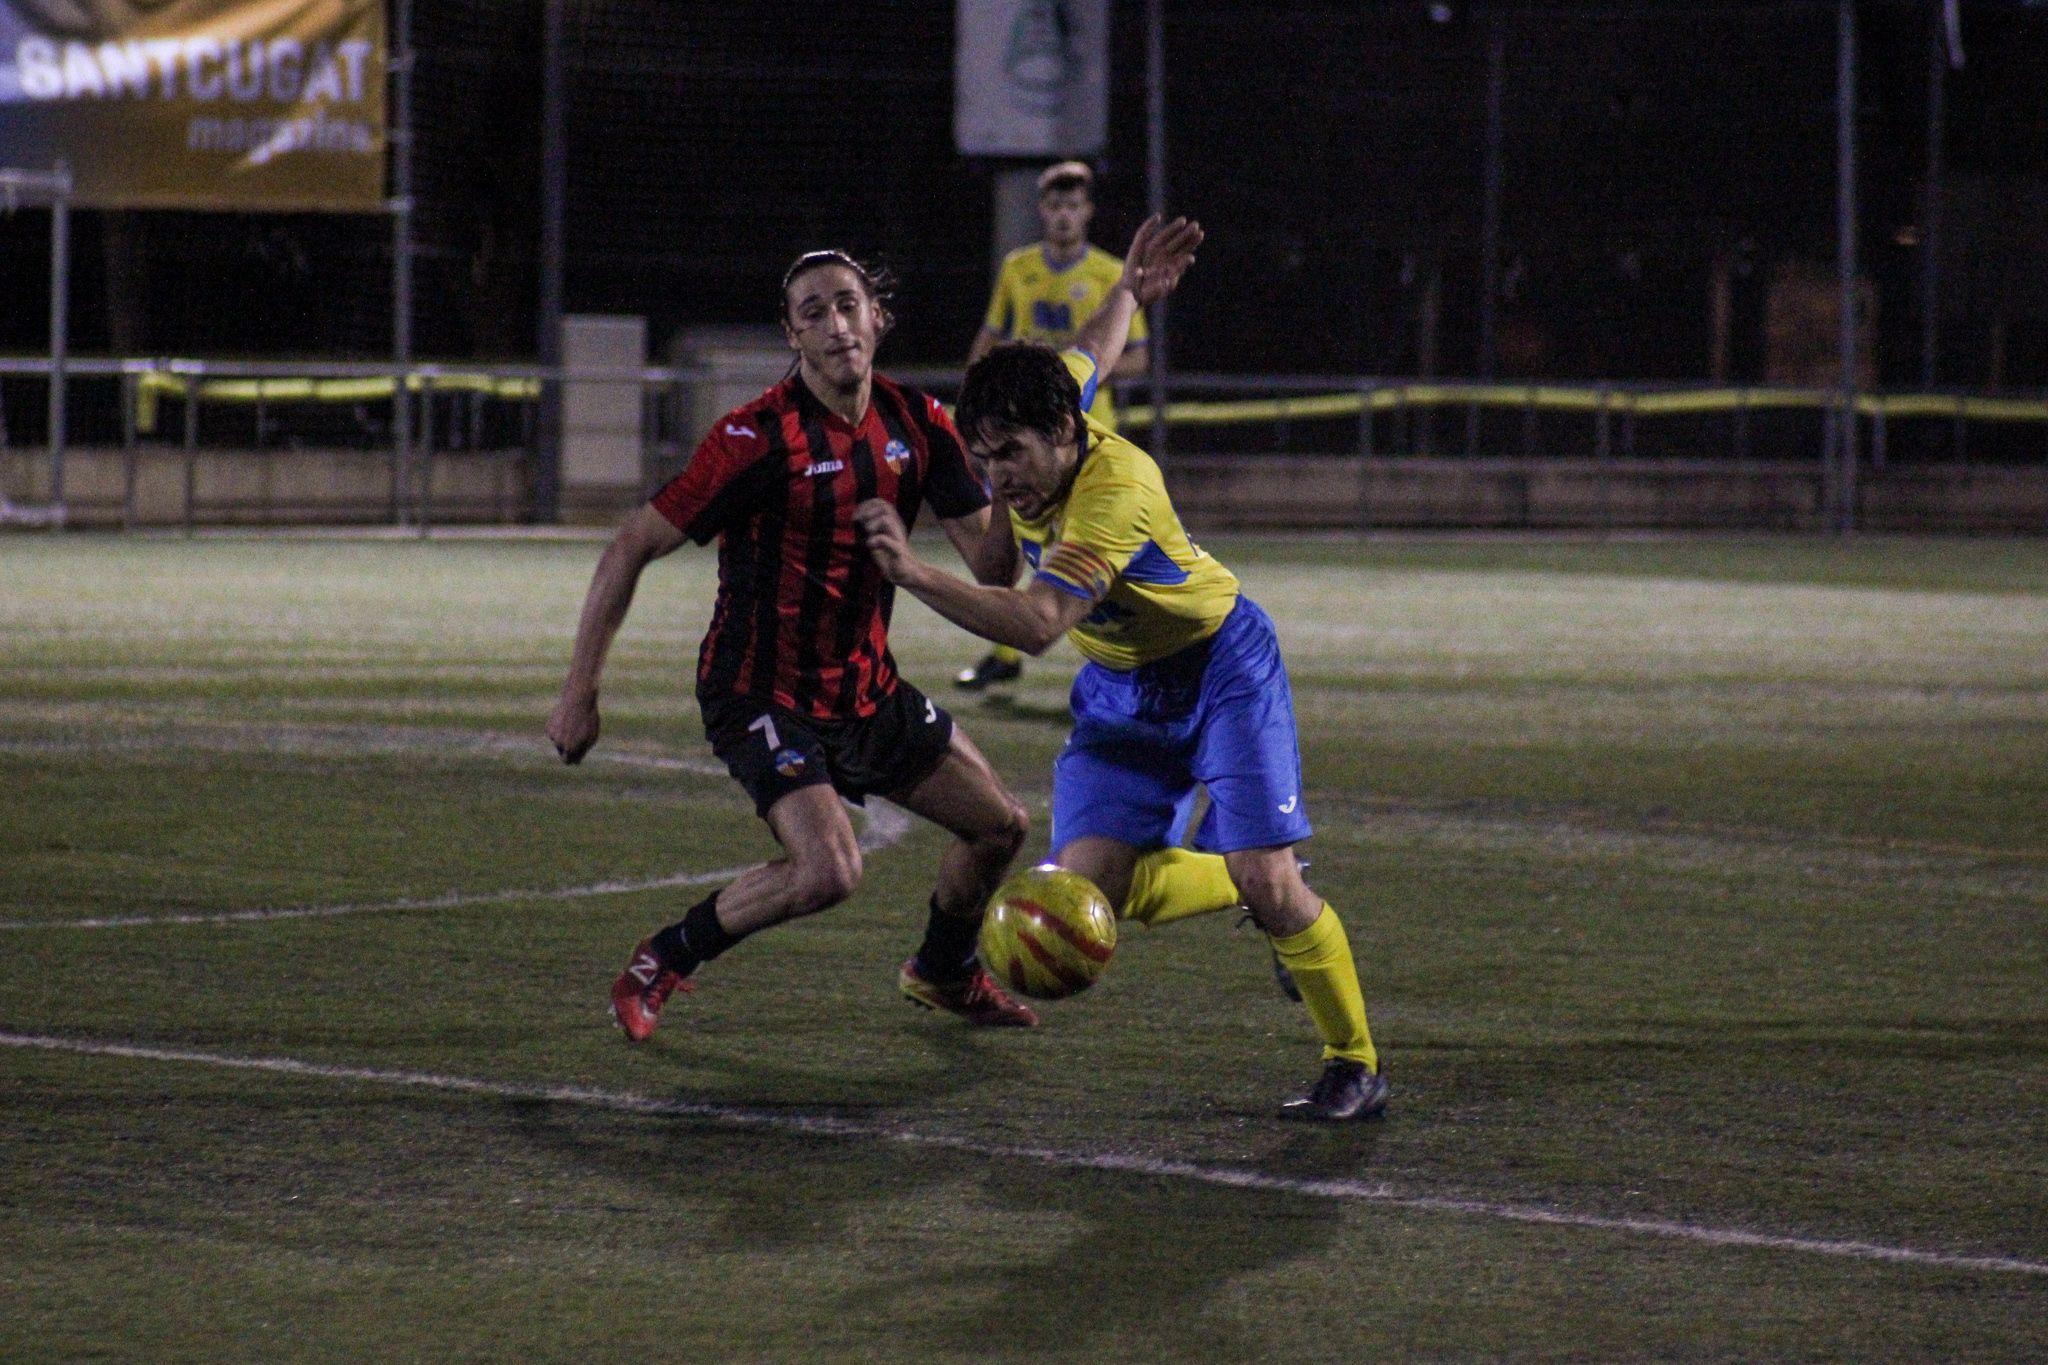 Lliga futbol masculí. Sant Cugat FC-UD San Mauro. FOTO: Ale Gómez